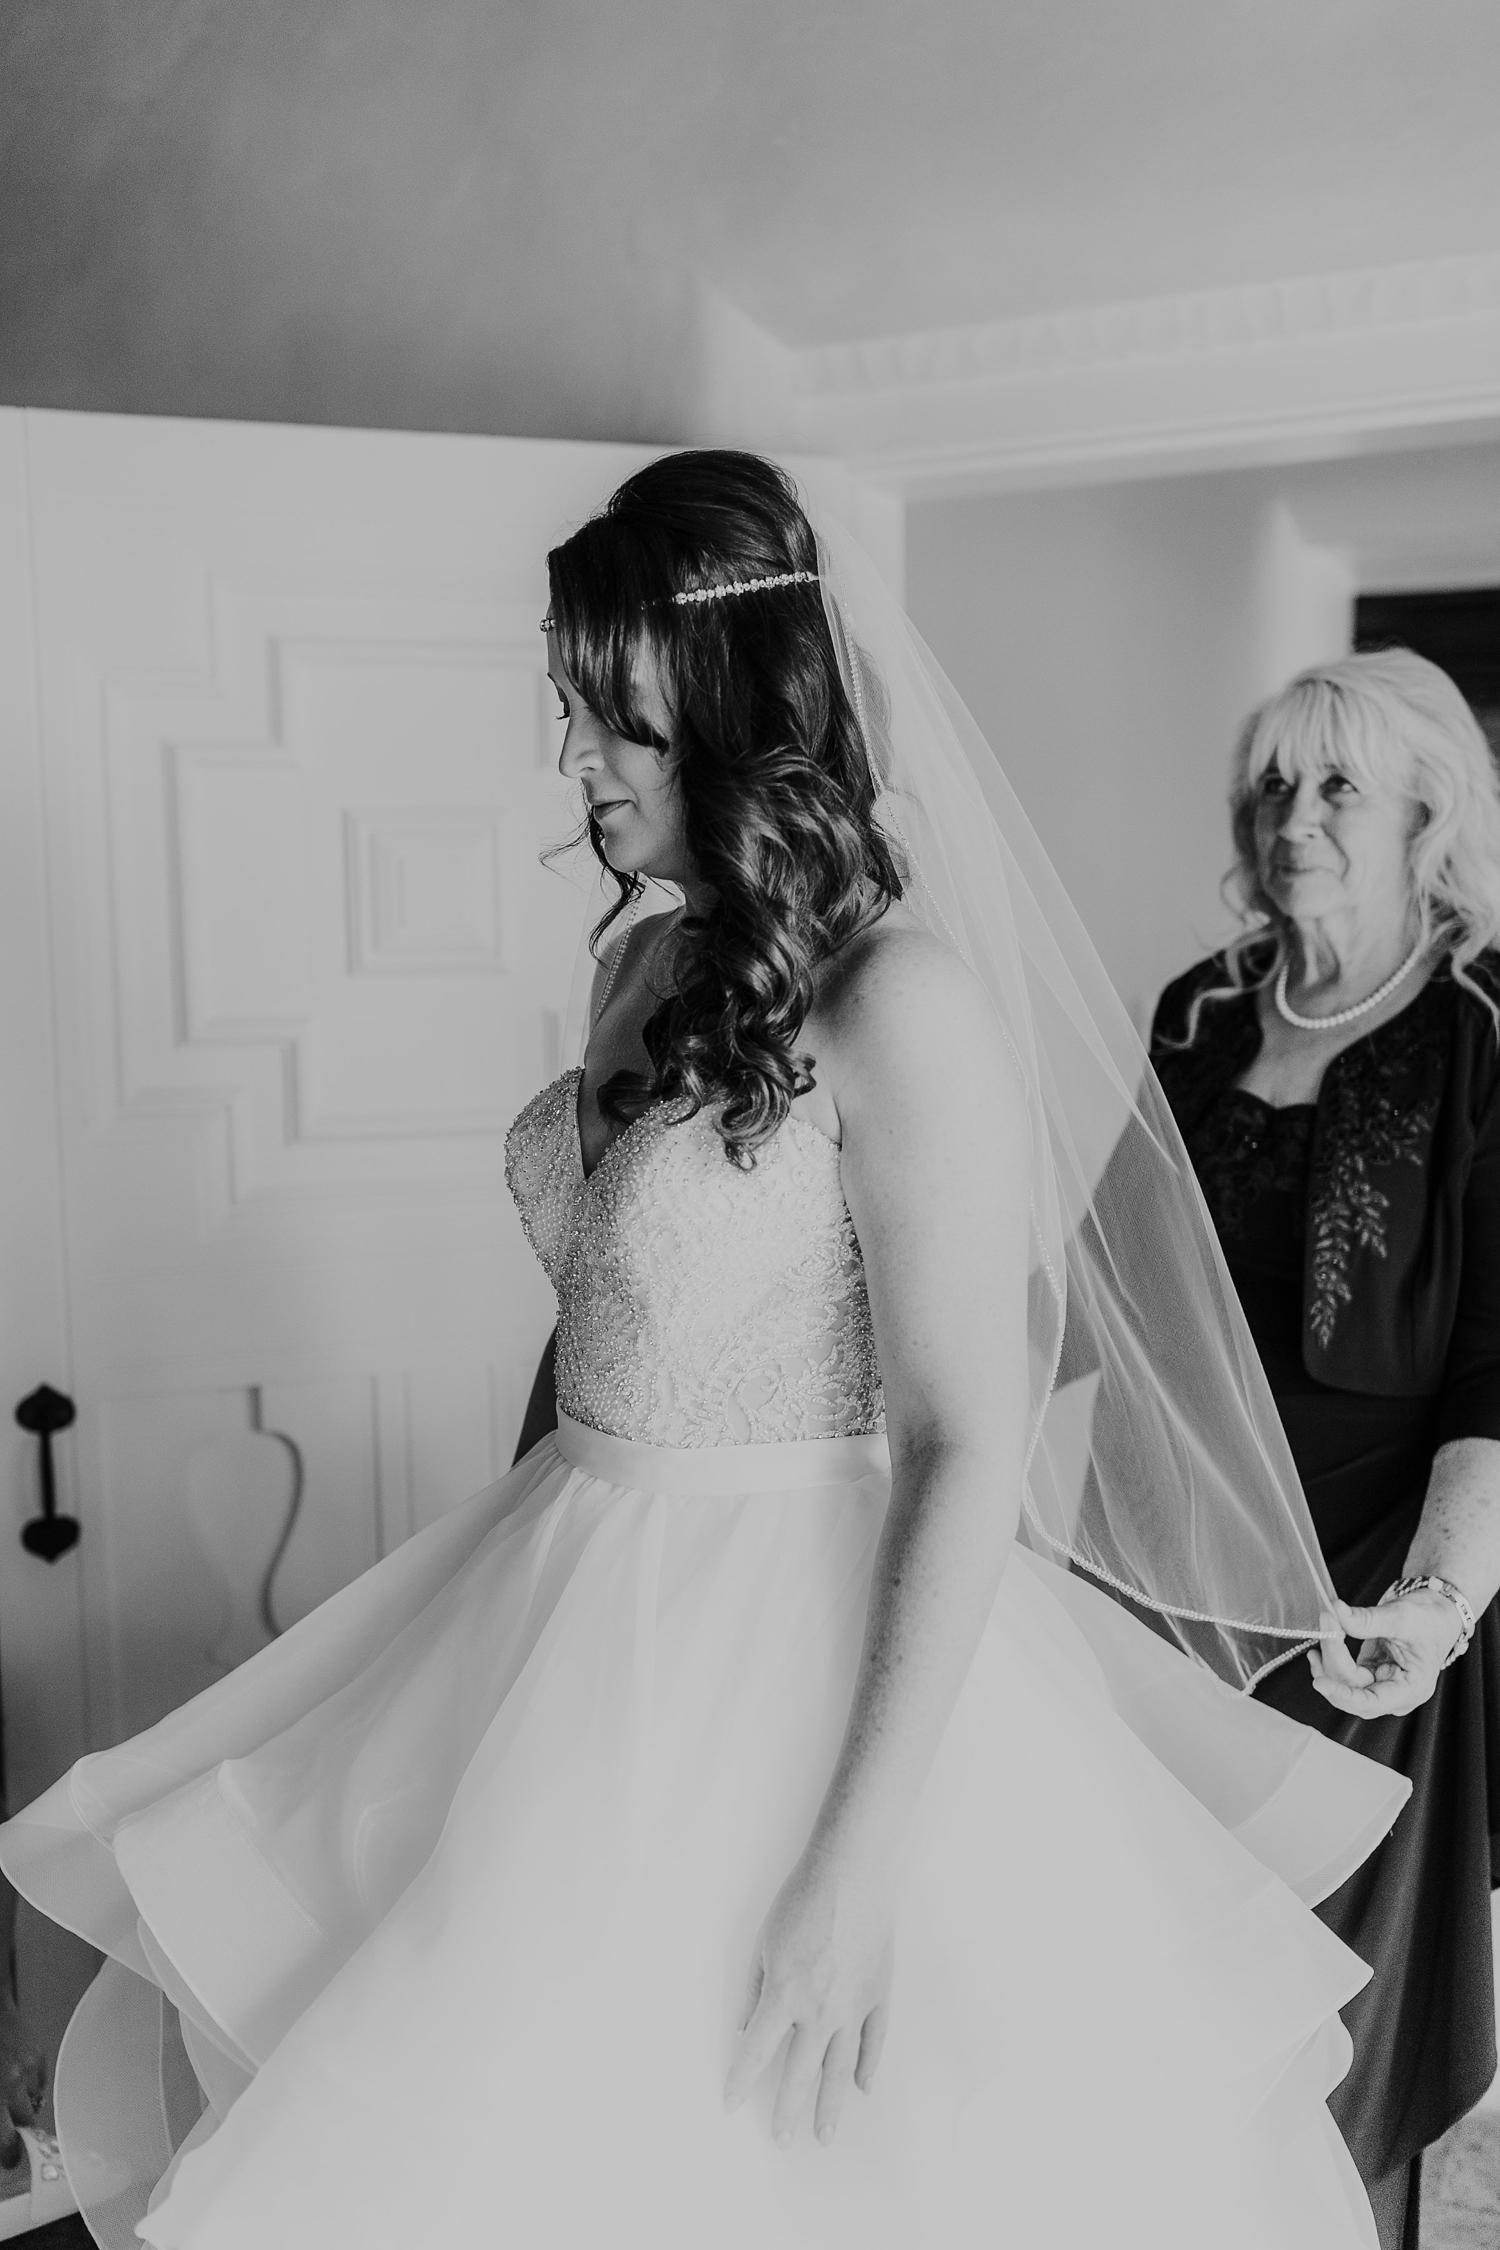 Alicia+lucia+photography+-+albuquerque+wedding+photographer+-+santa+fe+wedding+photography+-+new+mexico+wedding+photographer+-+new+mexico+engagement+-+la+mesita+ranch+wedding+-+la+mesita+ranch+spring+wedding_0012.jpg